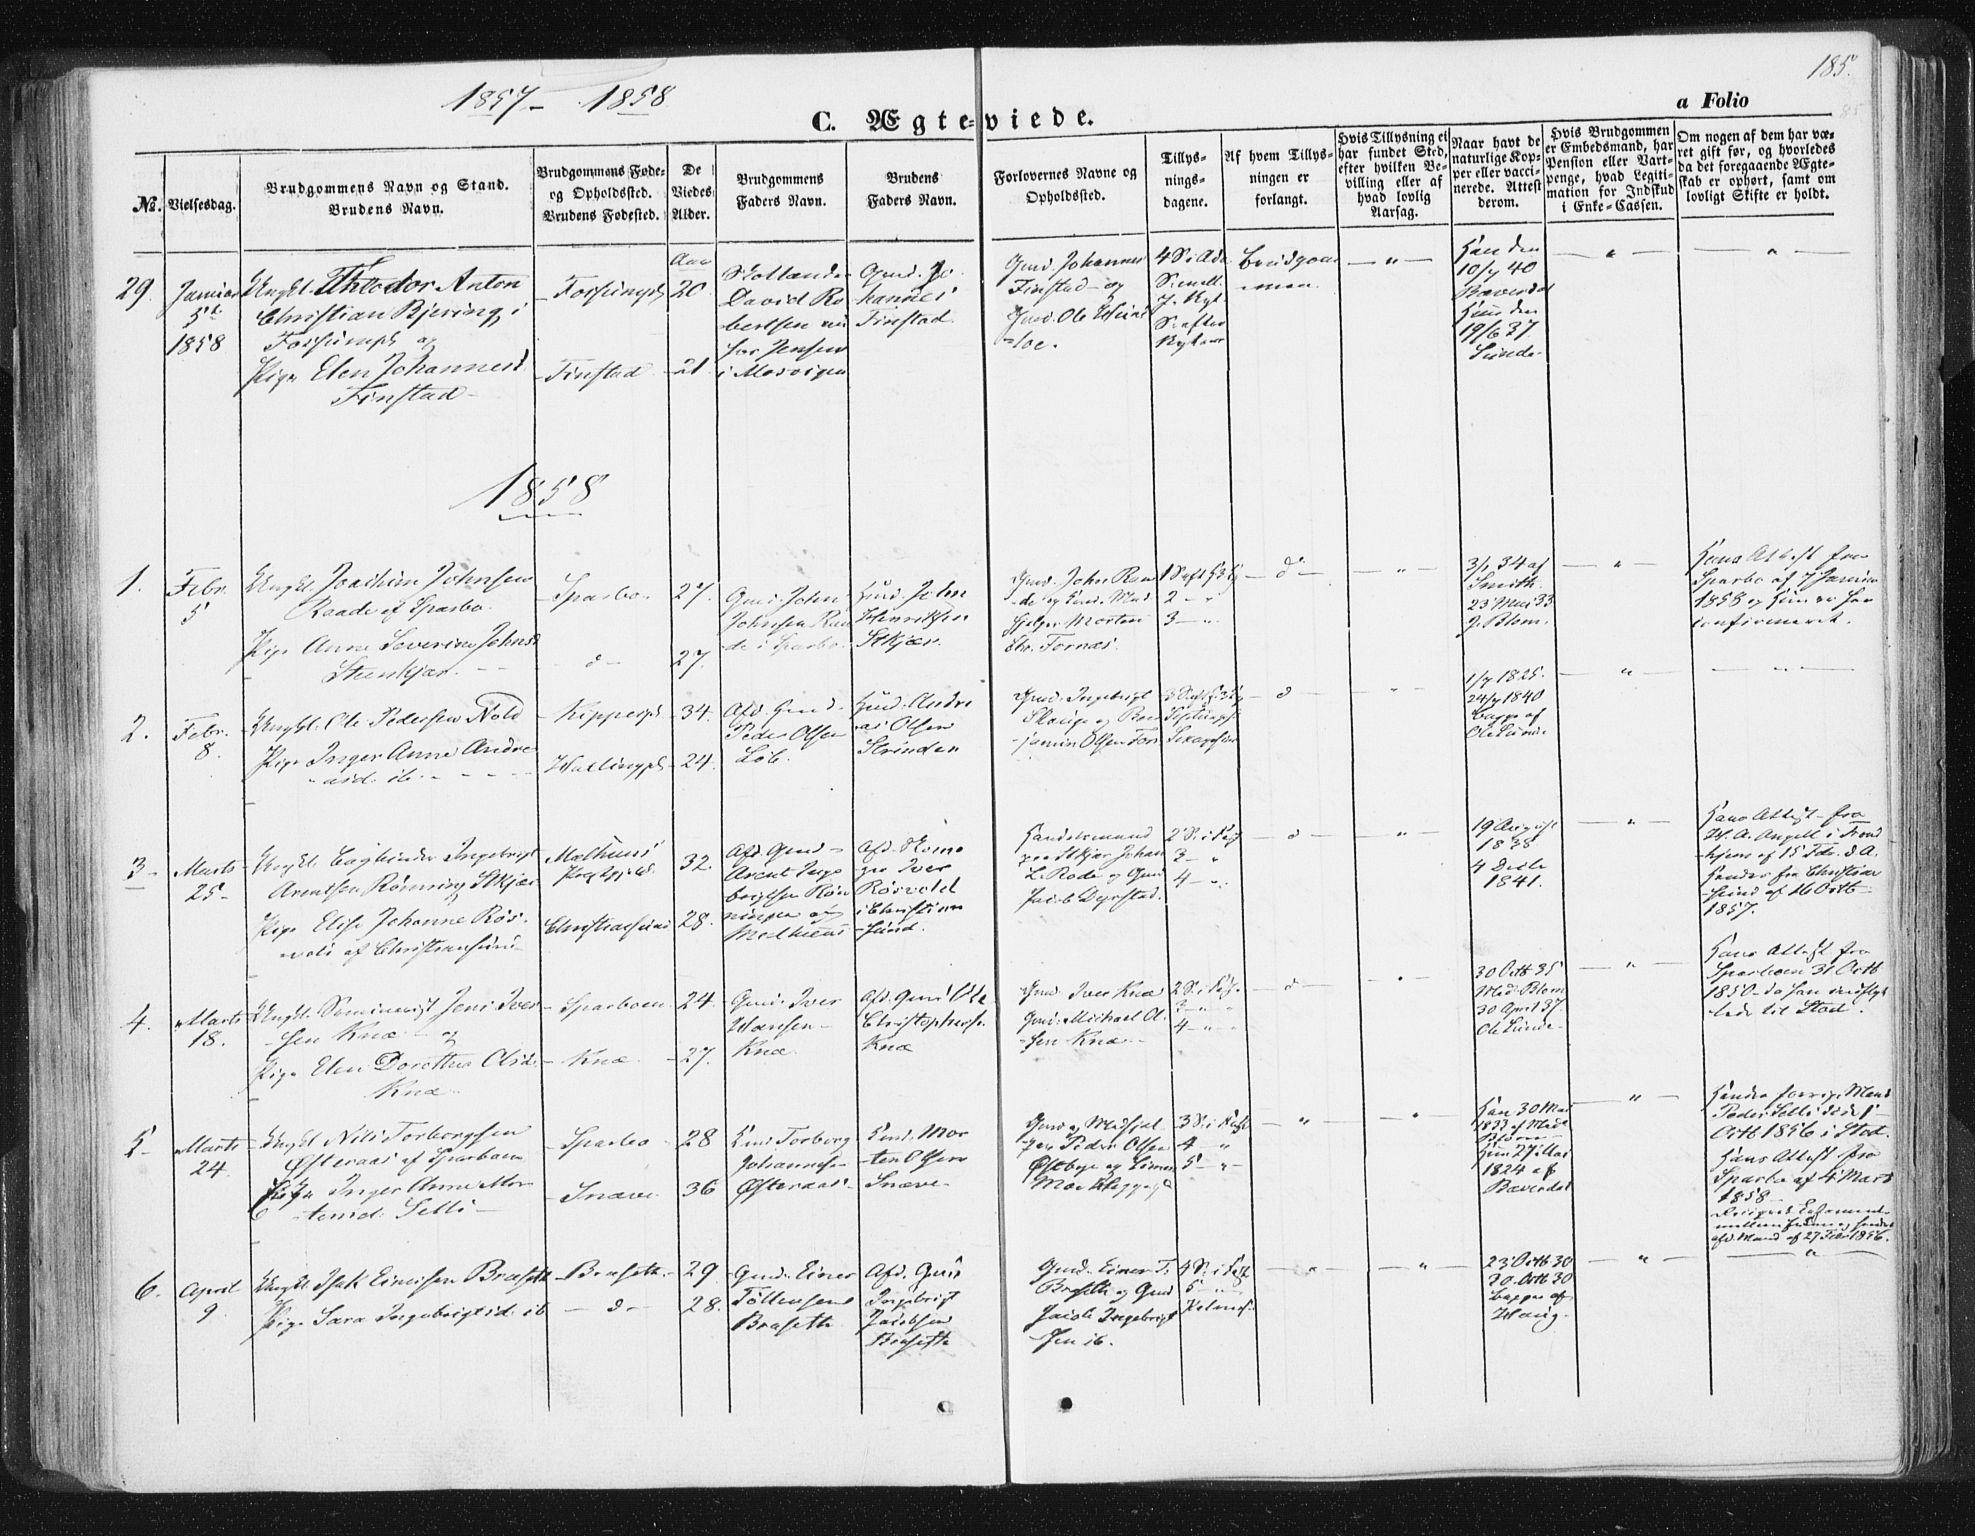 SAT, Ministerialprotokoller, klokkerbøker og fødselsregistre - Nord-Trøndelag, 746/L0446: Ministerialbok nr. 746A05, 1846-1859, s. 185